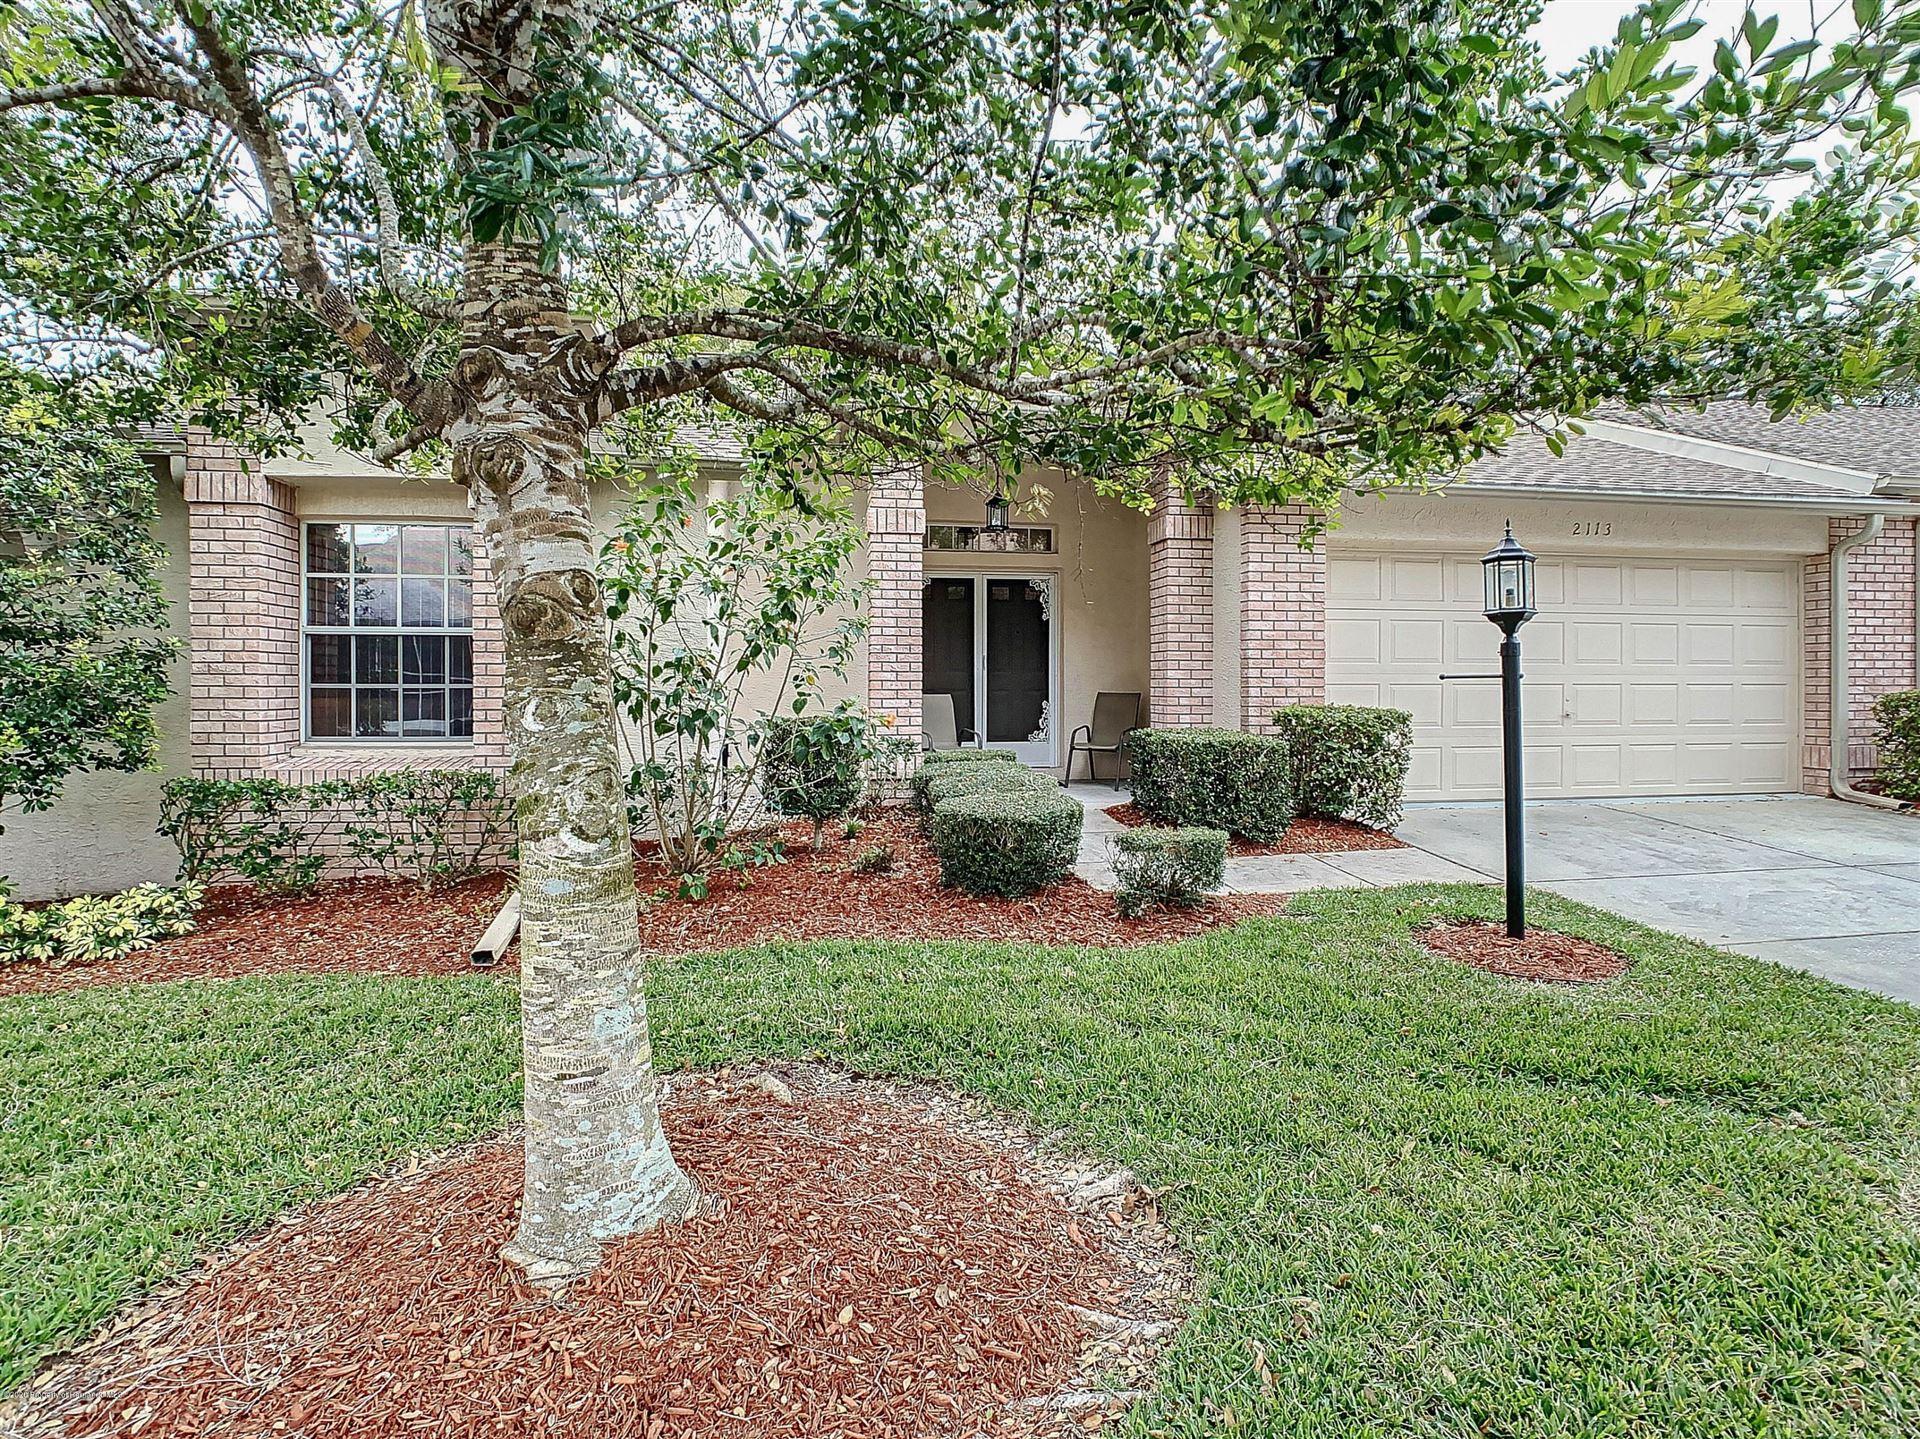 2113 Springmeadow Drive, Spring Hill, FL 34606 - MLS#: 2210683